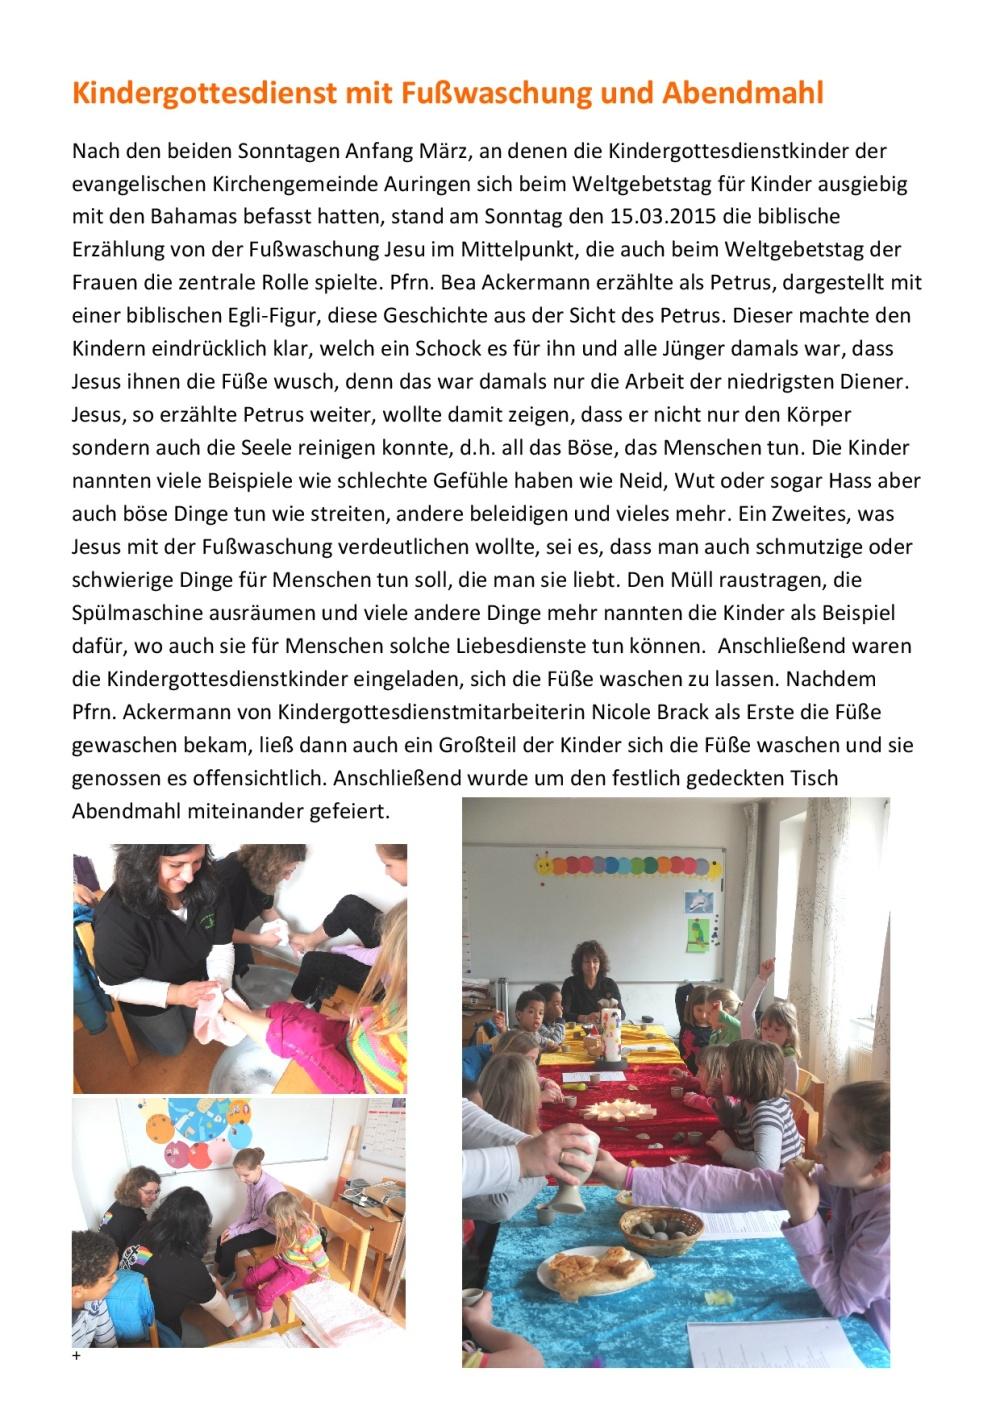 2015-03-15 Kindergottesdienst mit Fußwaschung